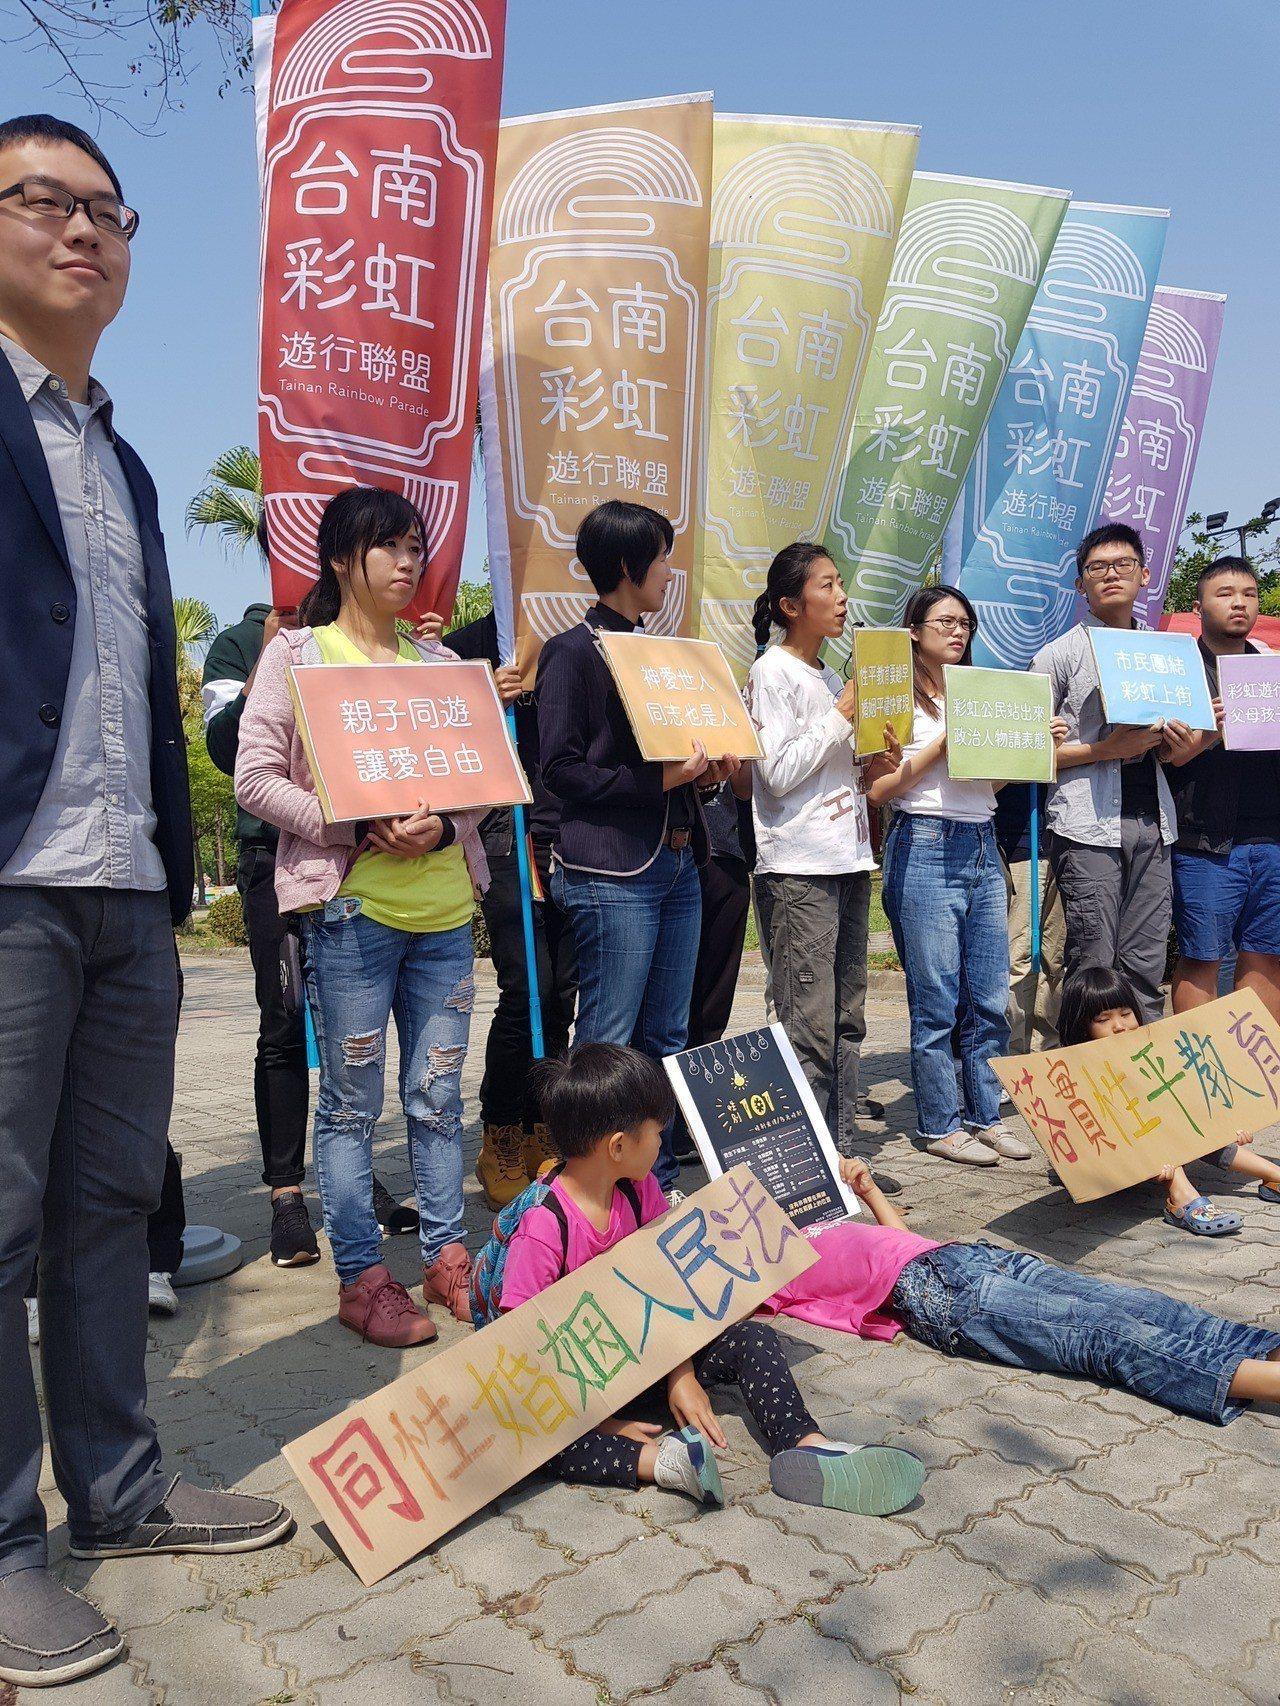 台南彩虹遊行週六將在街頭舉辦 記者修瑞瑩/攝影